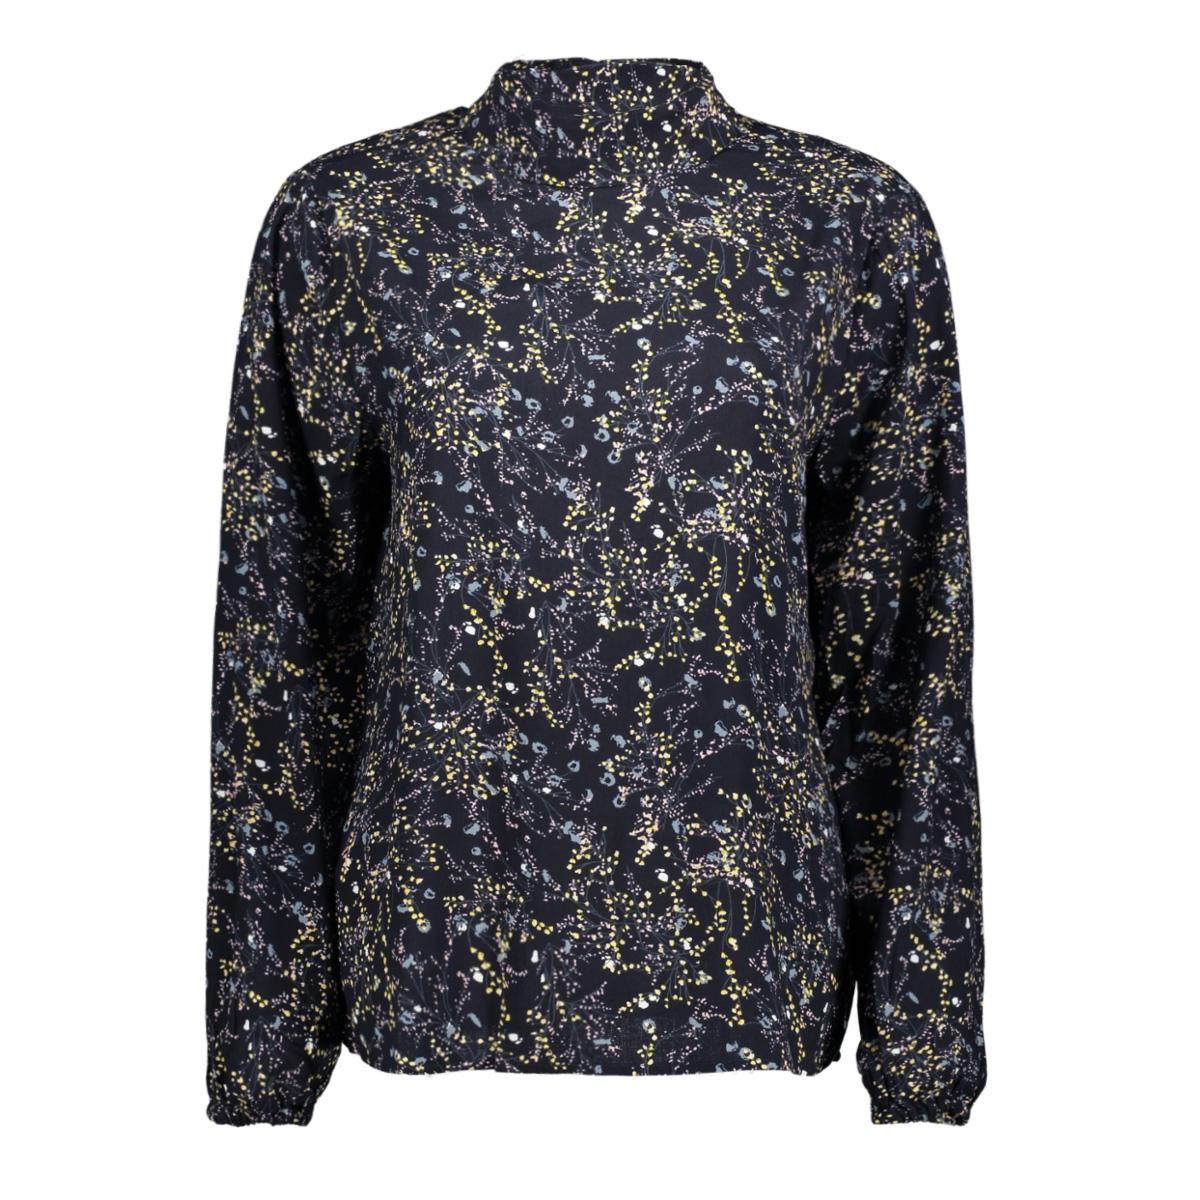 woven blouse l s 30501402 saint tropez blouse 9069